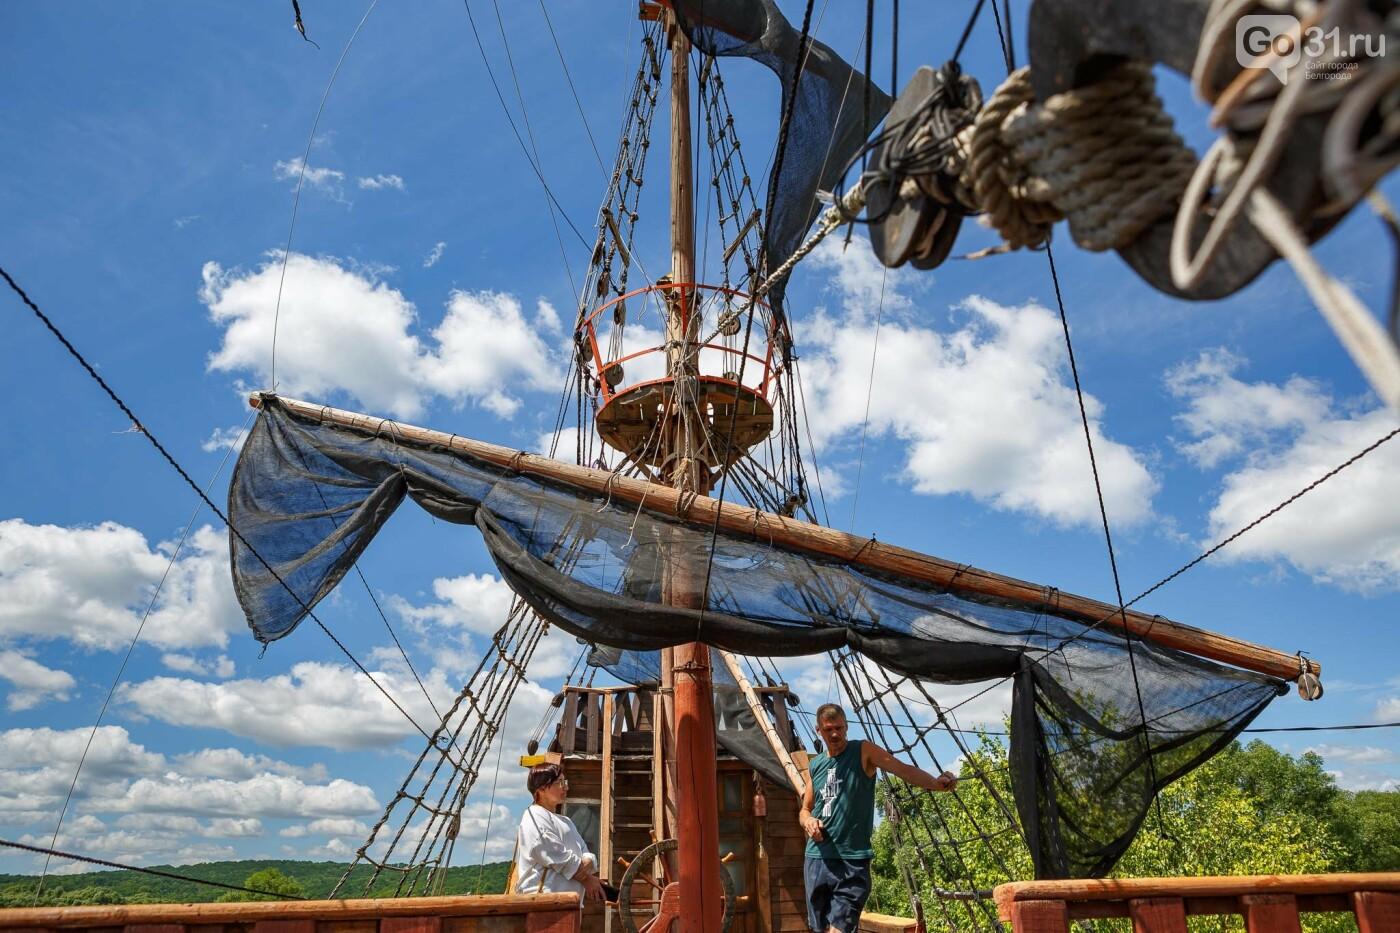 Корабль из гаража. Как создавался пиратский галеон в Купино, фото-12, Фото: Антон Вергун